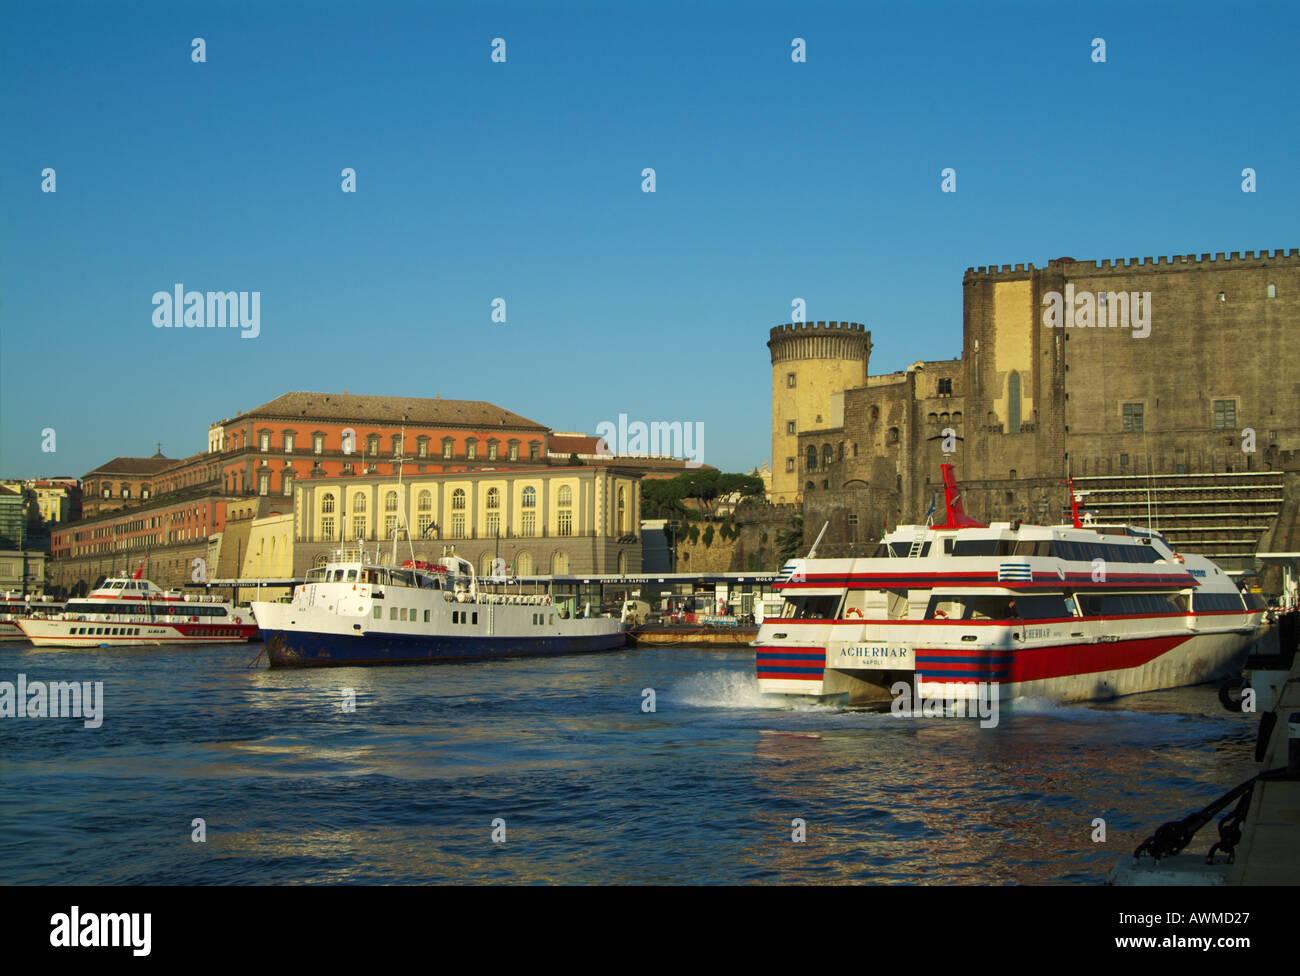 Ferryboats at harbor, Castel Nuovo, Campania, Naples, Italy - Stock Image